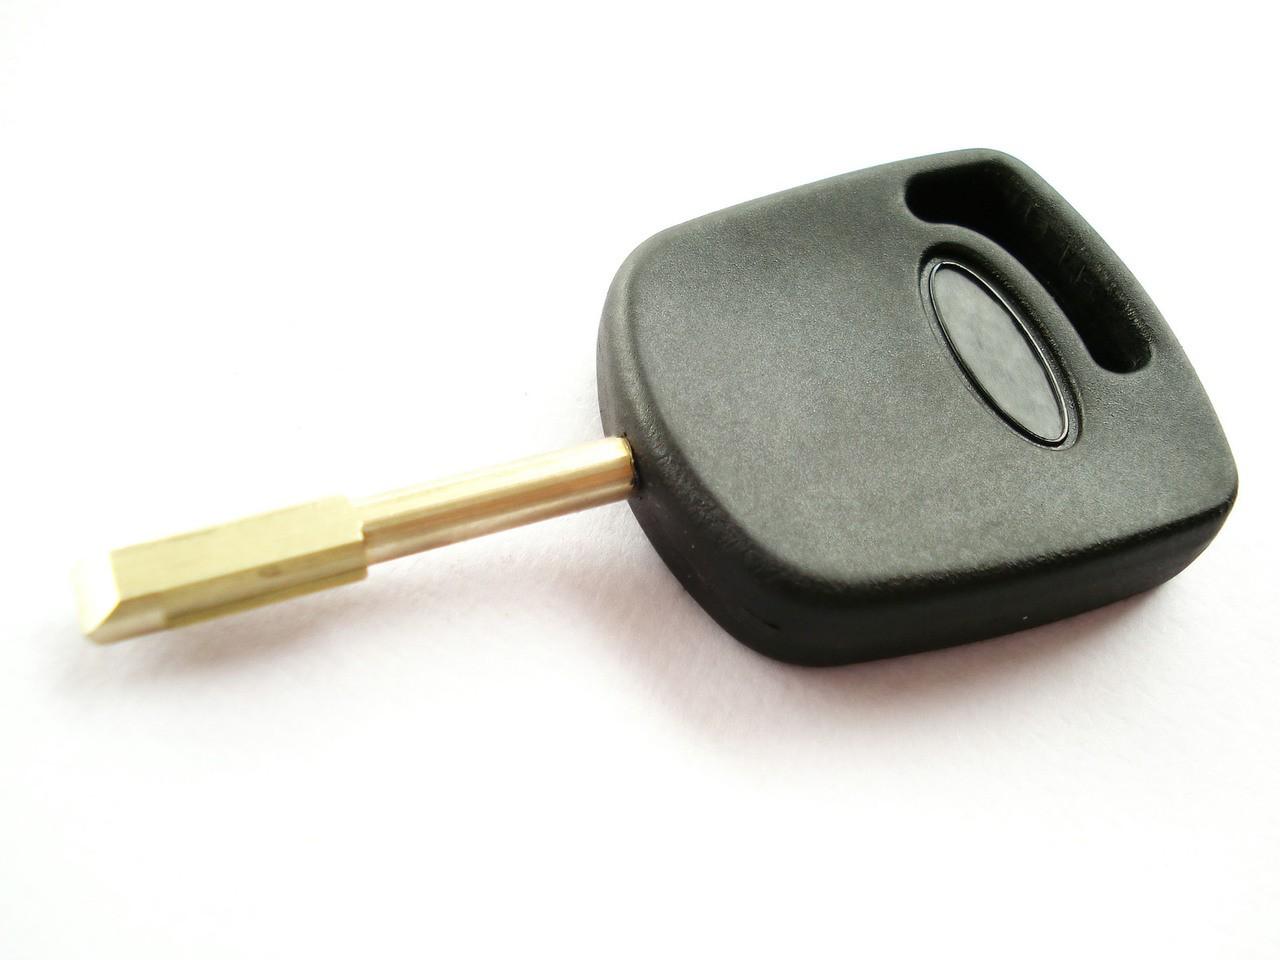 Karta zamiast kluczyka – ułatwione otwieranie samochodu